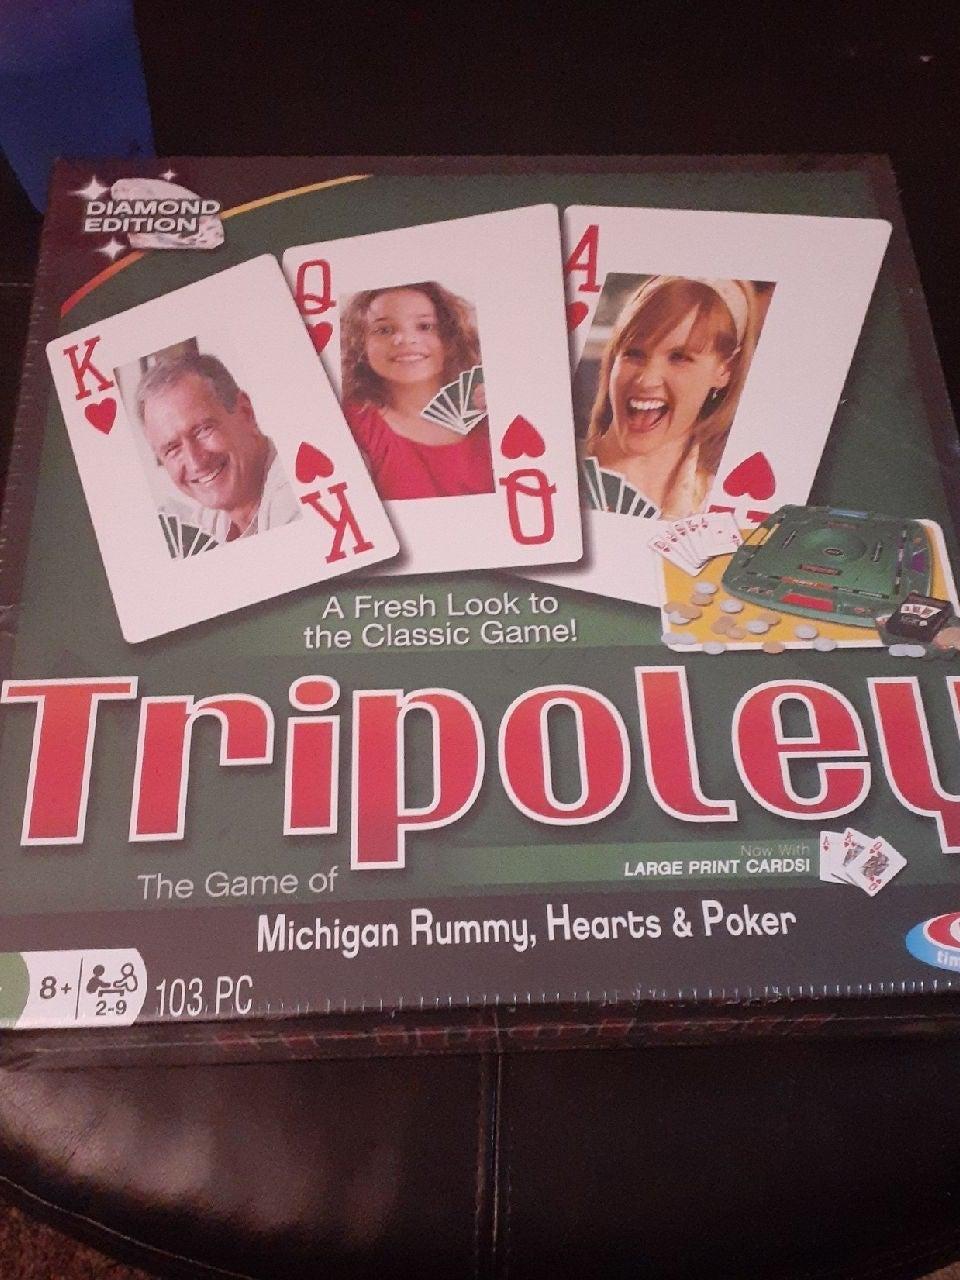 Tripoley Diamond Edition family game